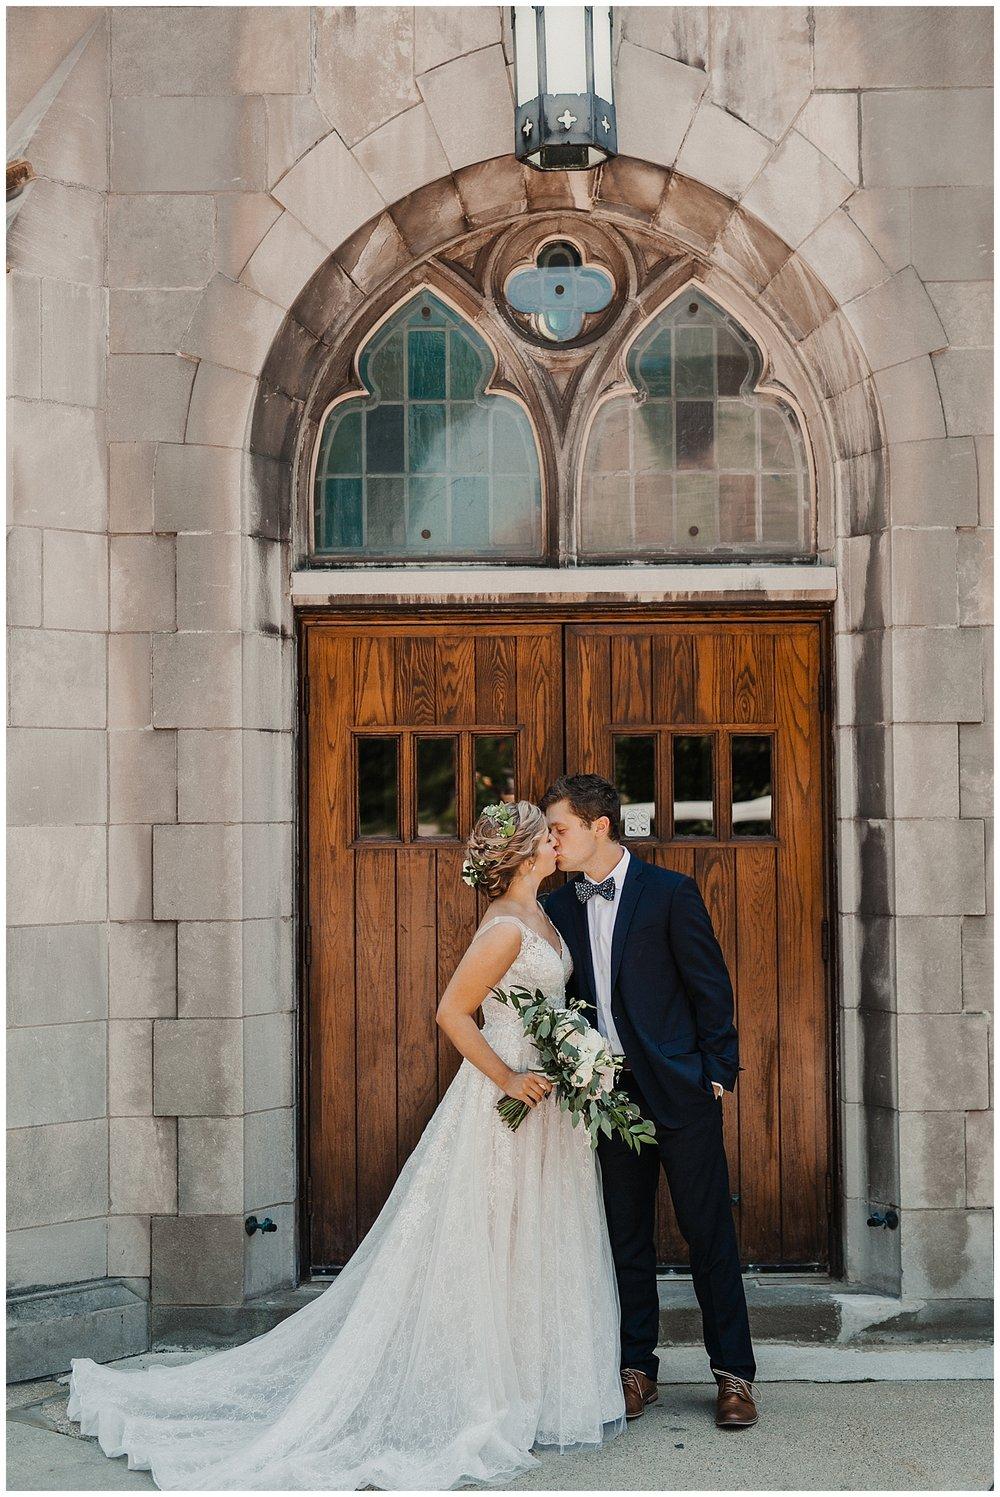 lindybeth photography - sievers wedding - hope college - boatwerks - blog-70.jpg